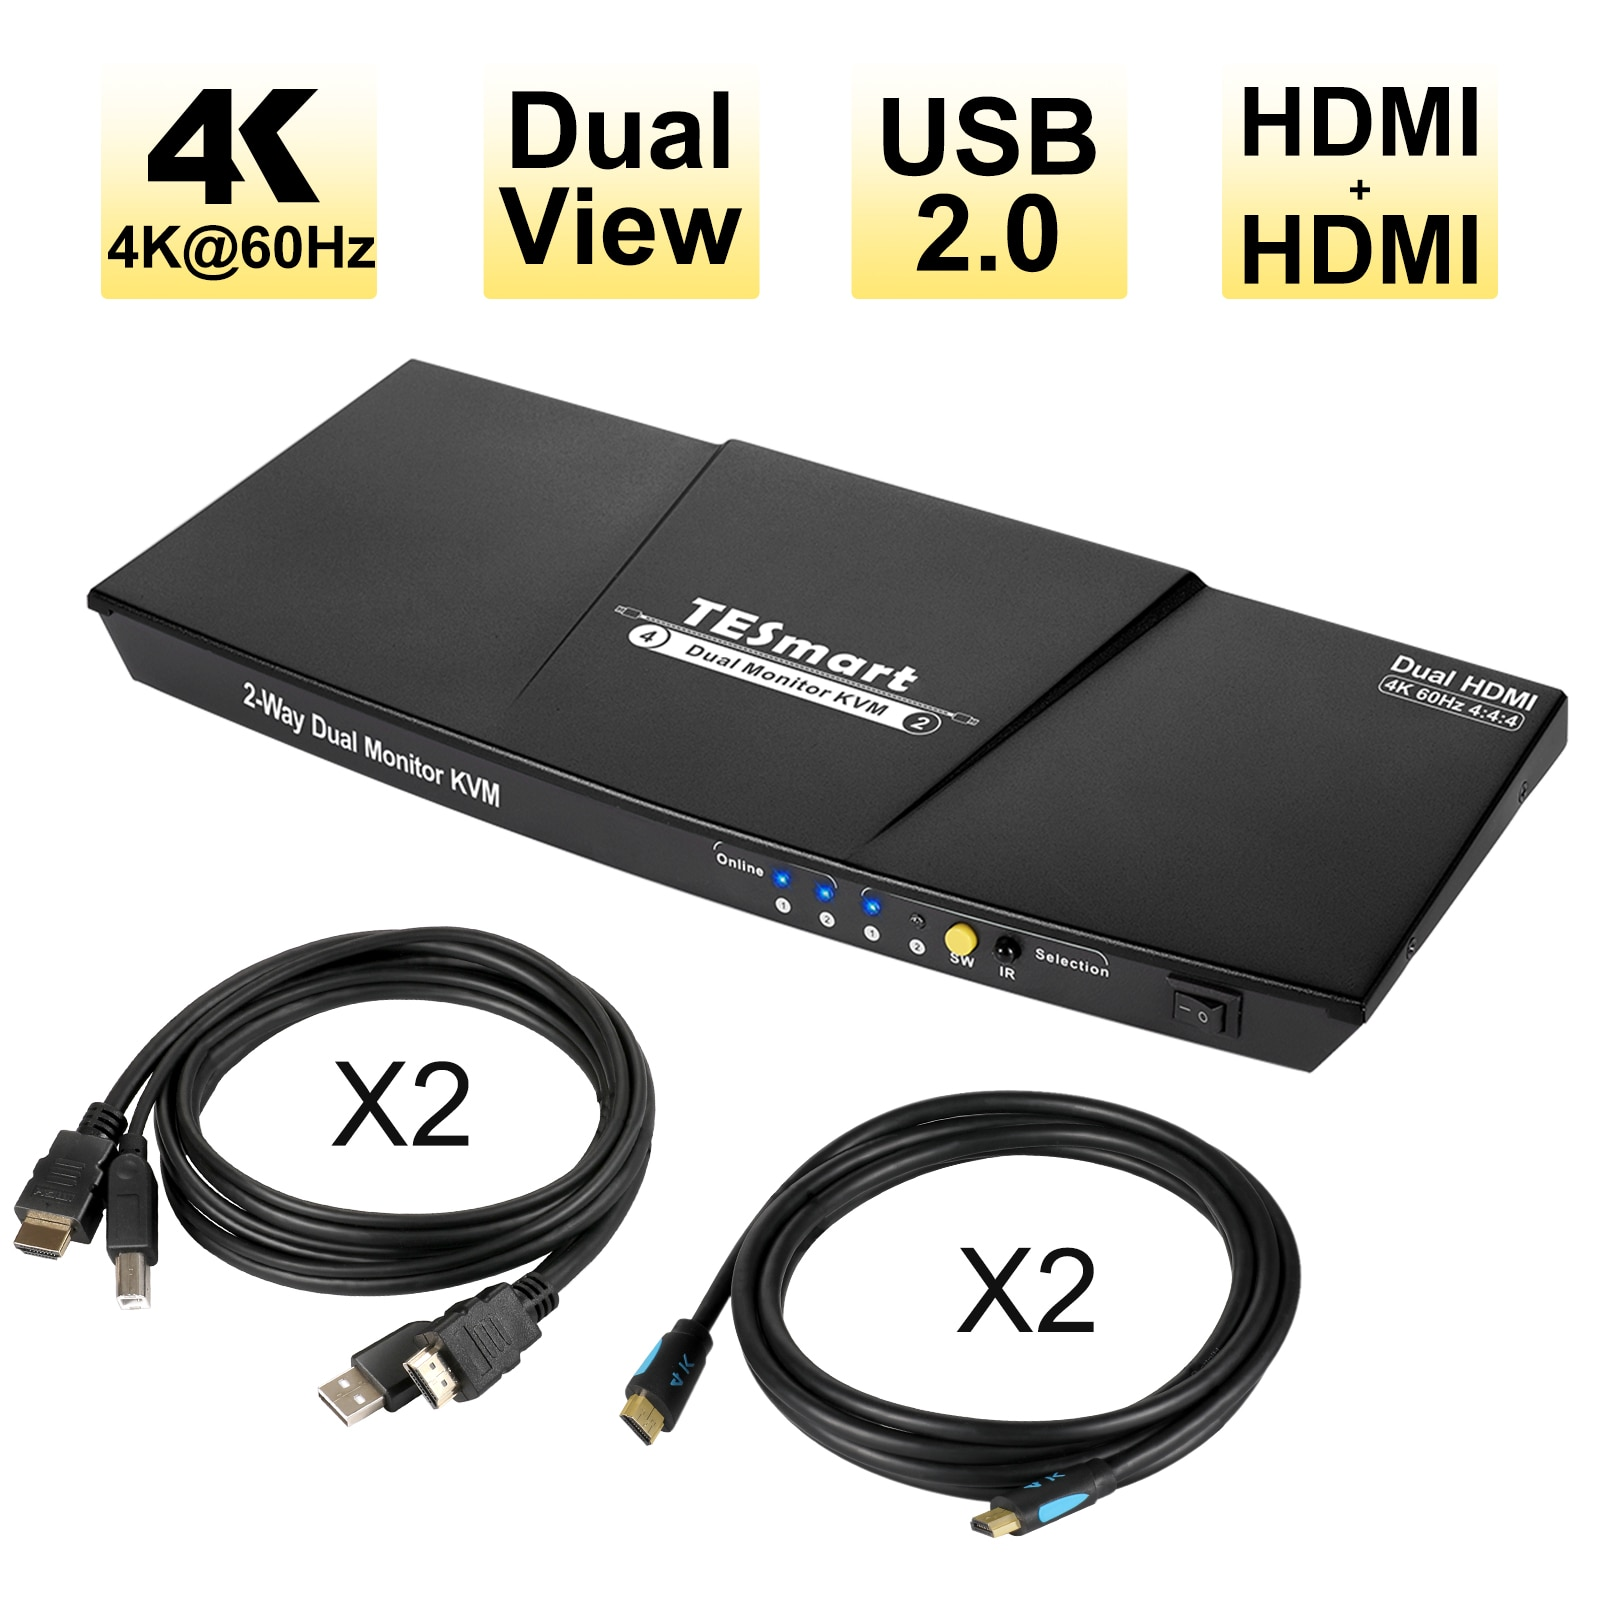 TESmart المزدوج HDMI 4x2 المزدوج رصد مفتاح ماكينة افتراضية معتمدة على النواة 2 ميناء تحديث 4K @ 60Hz ، ودعم HDR 10 ، HDCP 2.2 (أسود) لفة على الصورة إلى z